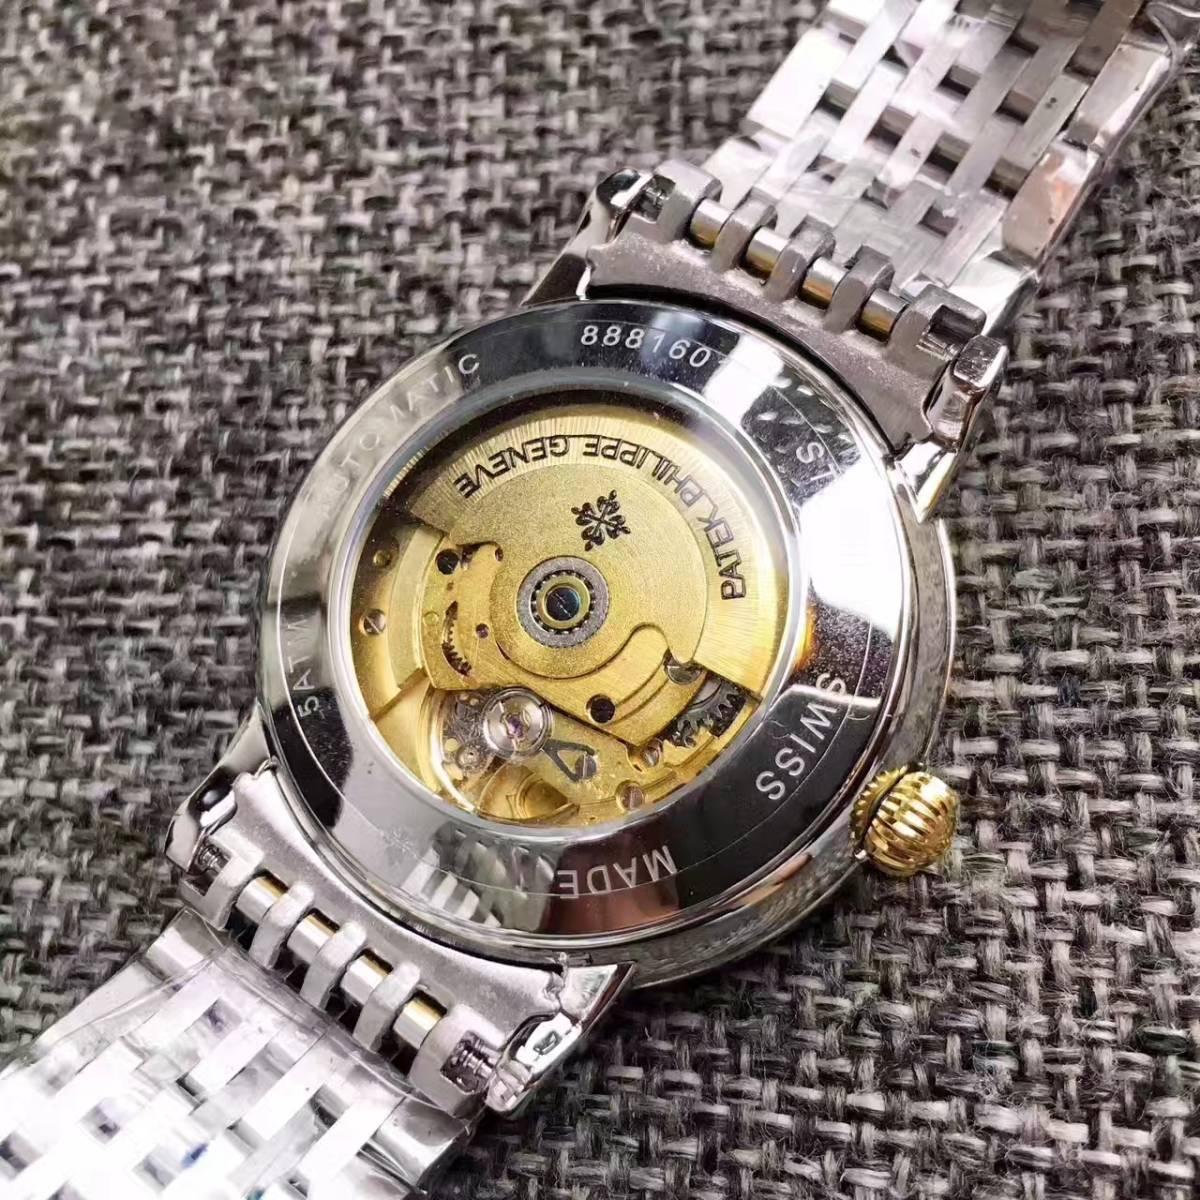 新品 パテックフィリップ 男性用 腕時計 Patek Philippe ステンレス メンズウォッチ 自動巻き_画像2